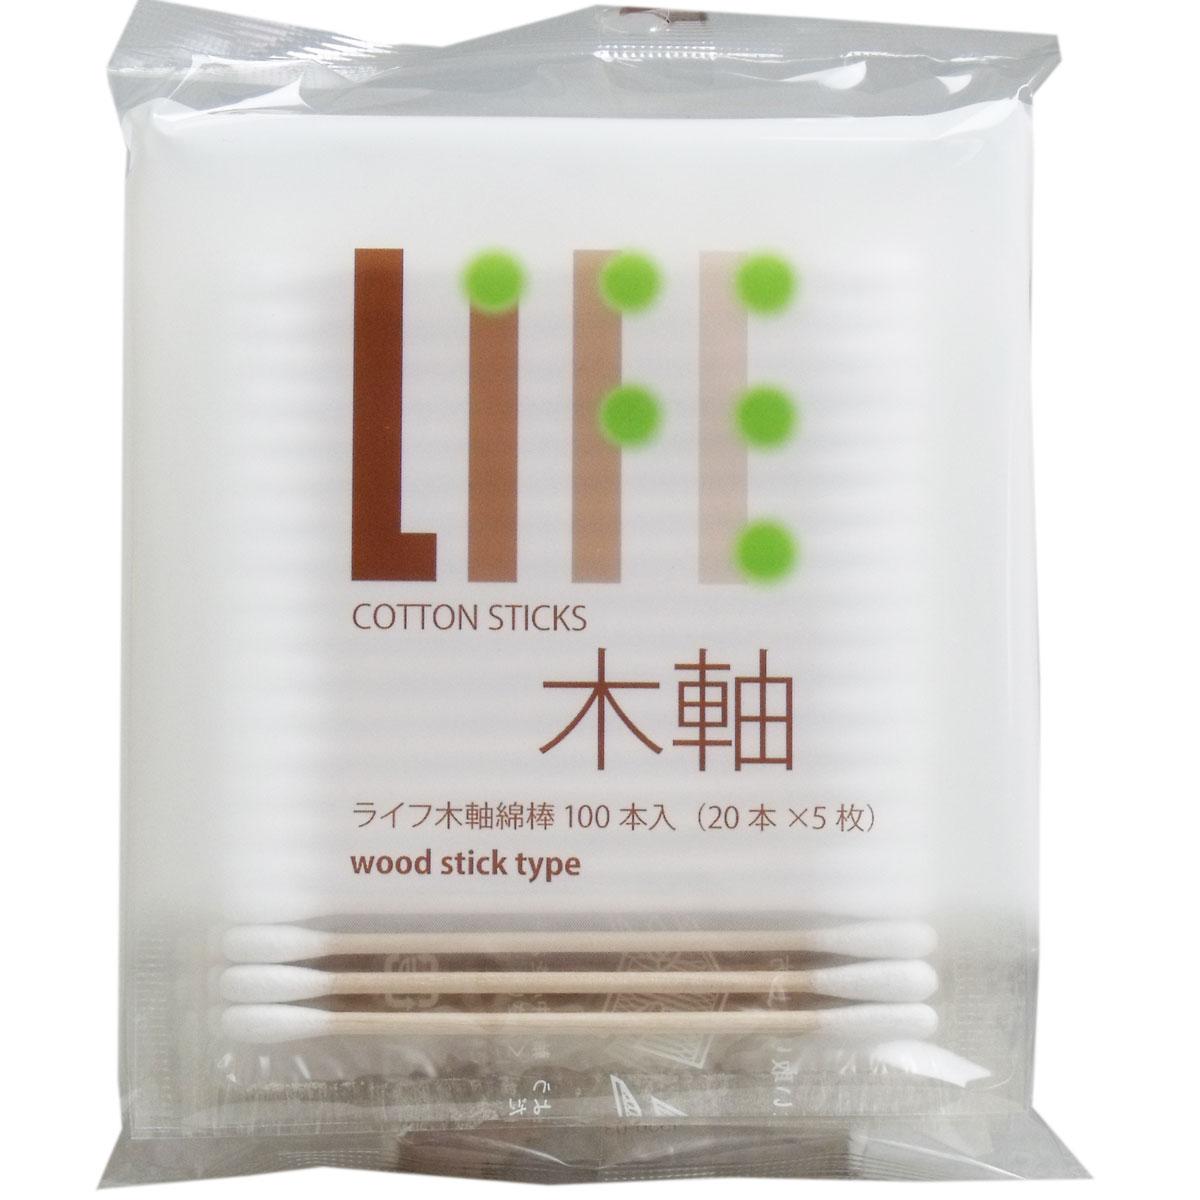 [9月26日まで特価]ライフ 木軸綿棒 100本(20本×5枚)入